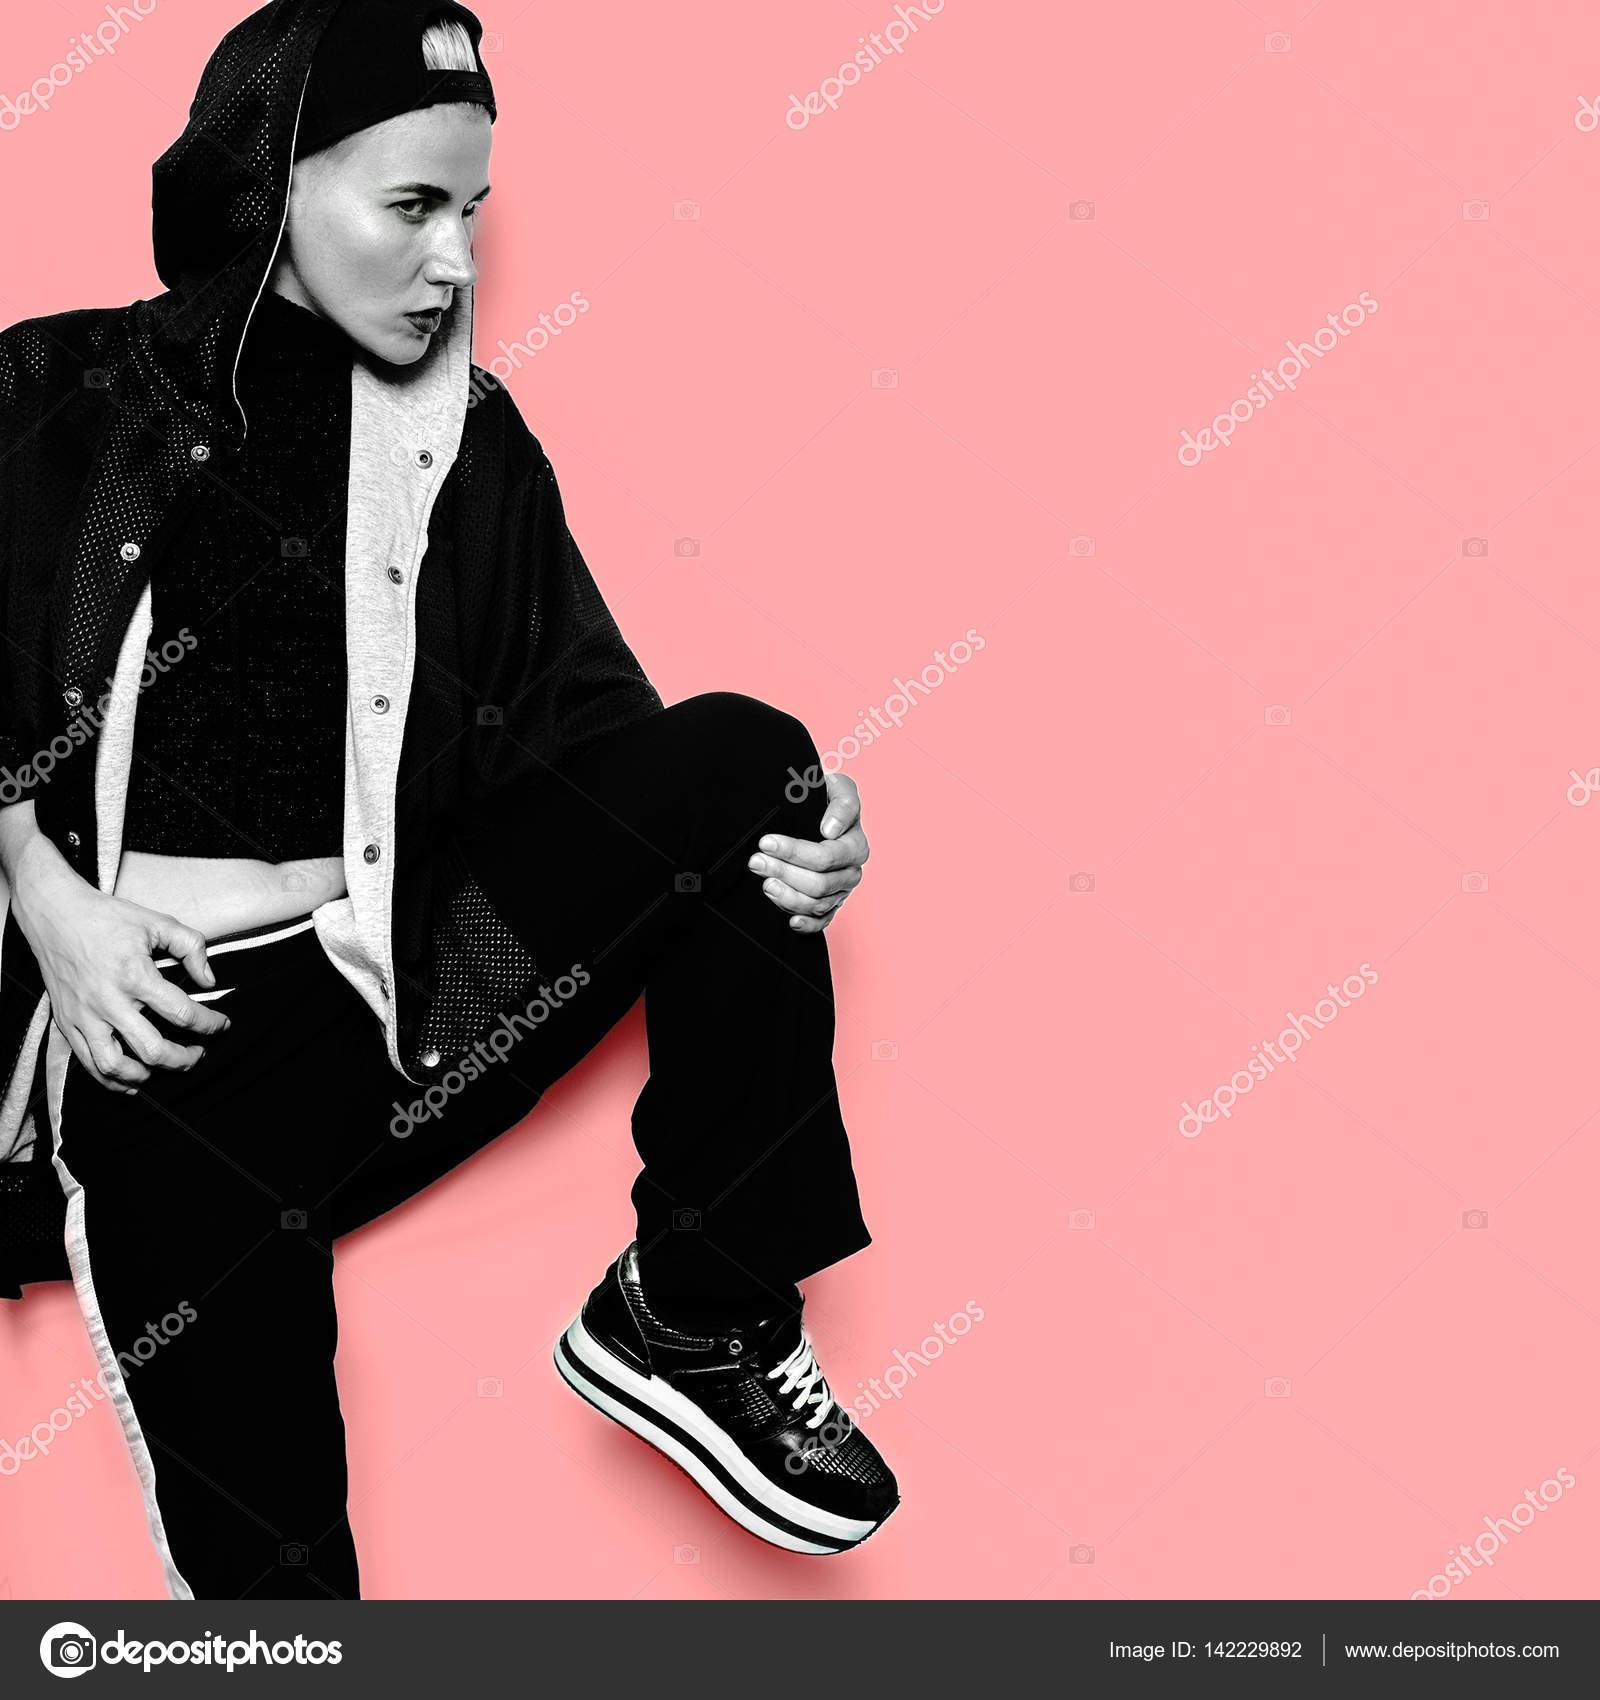 сорванец девушка модель стиль городского наряд танца хип хоп одежды